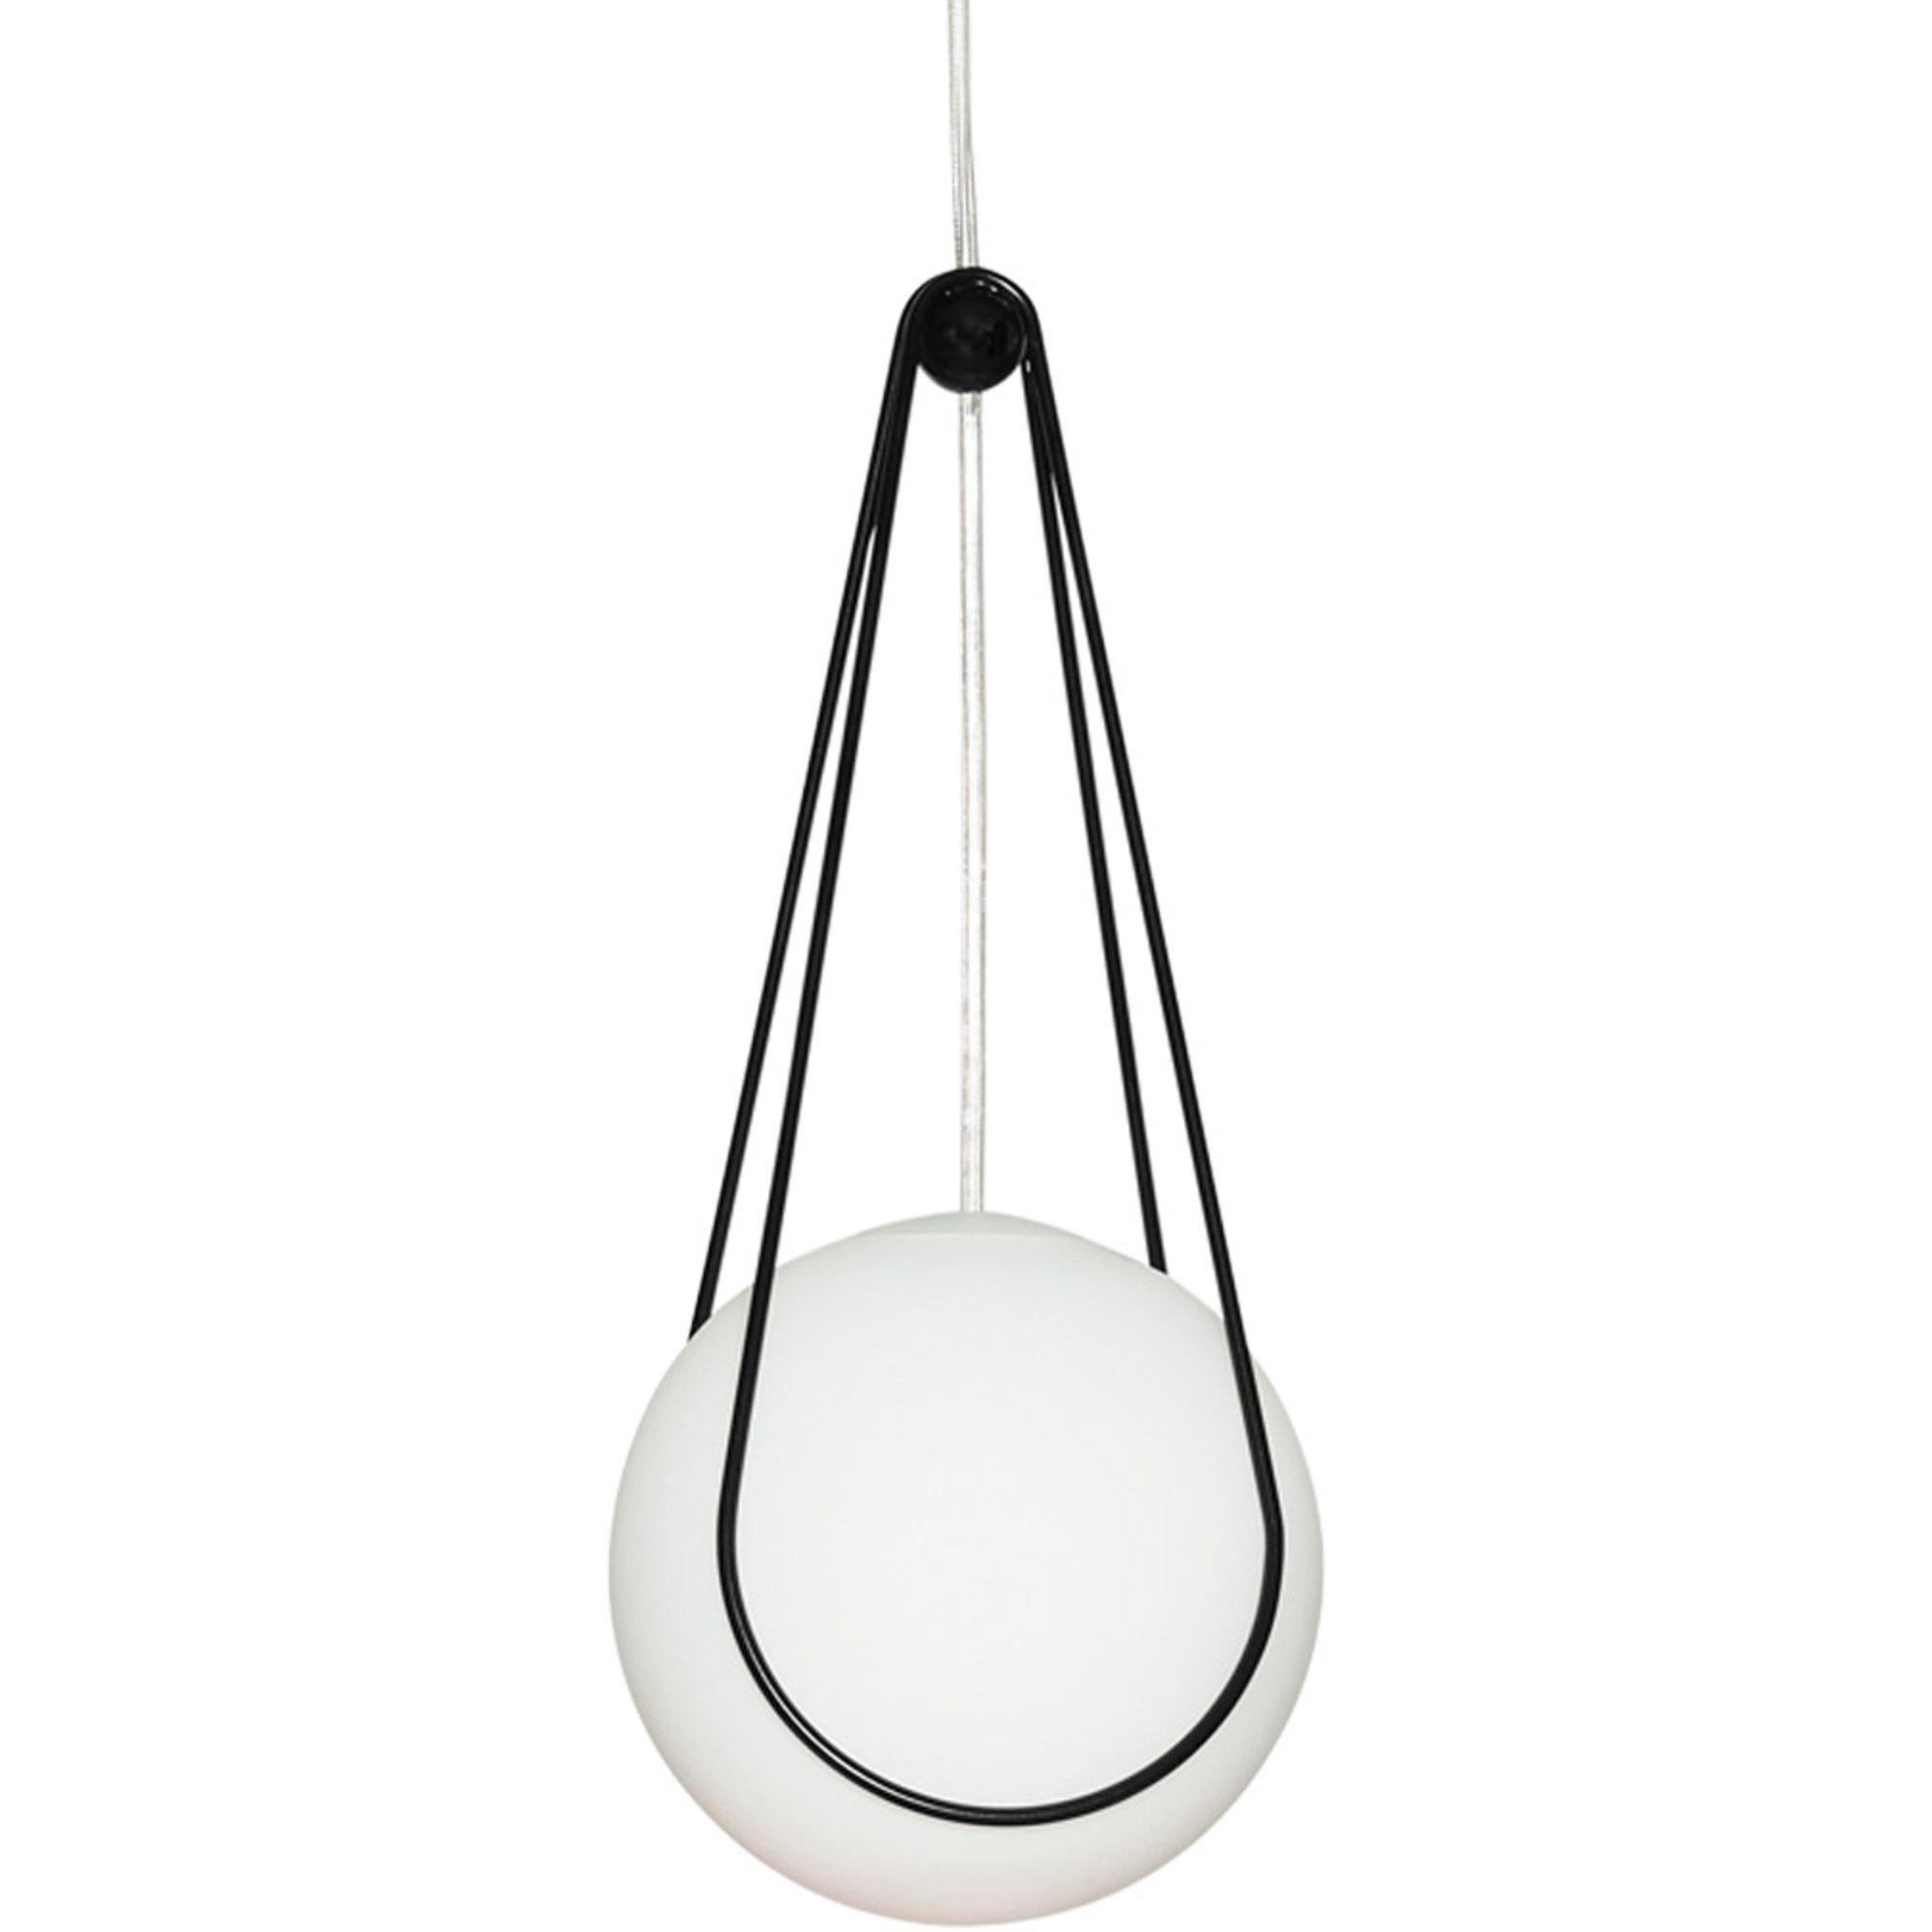 Design House Stockholm Kosmos hållare för Luna Lampa Svart 16cm